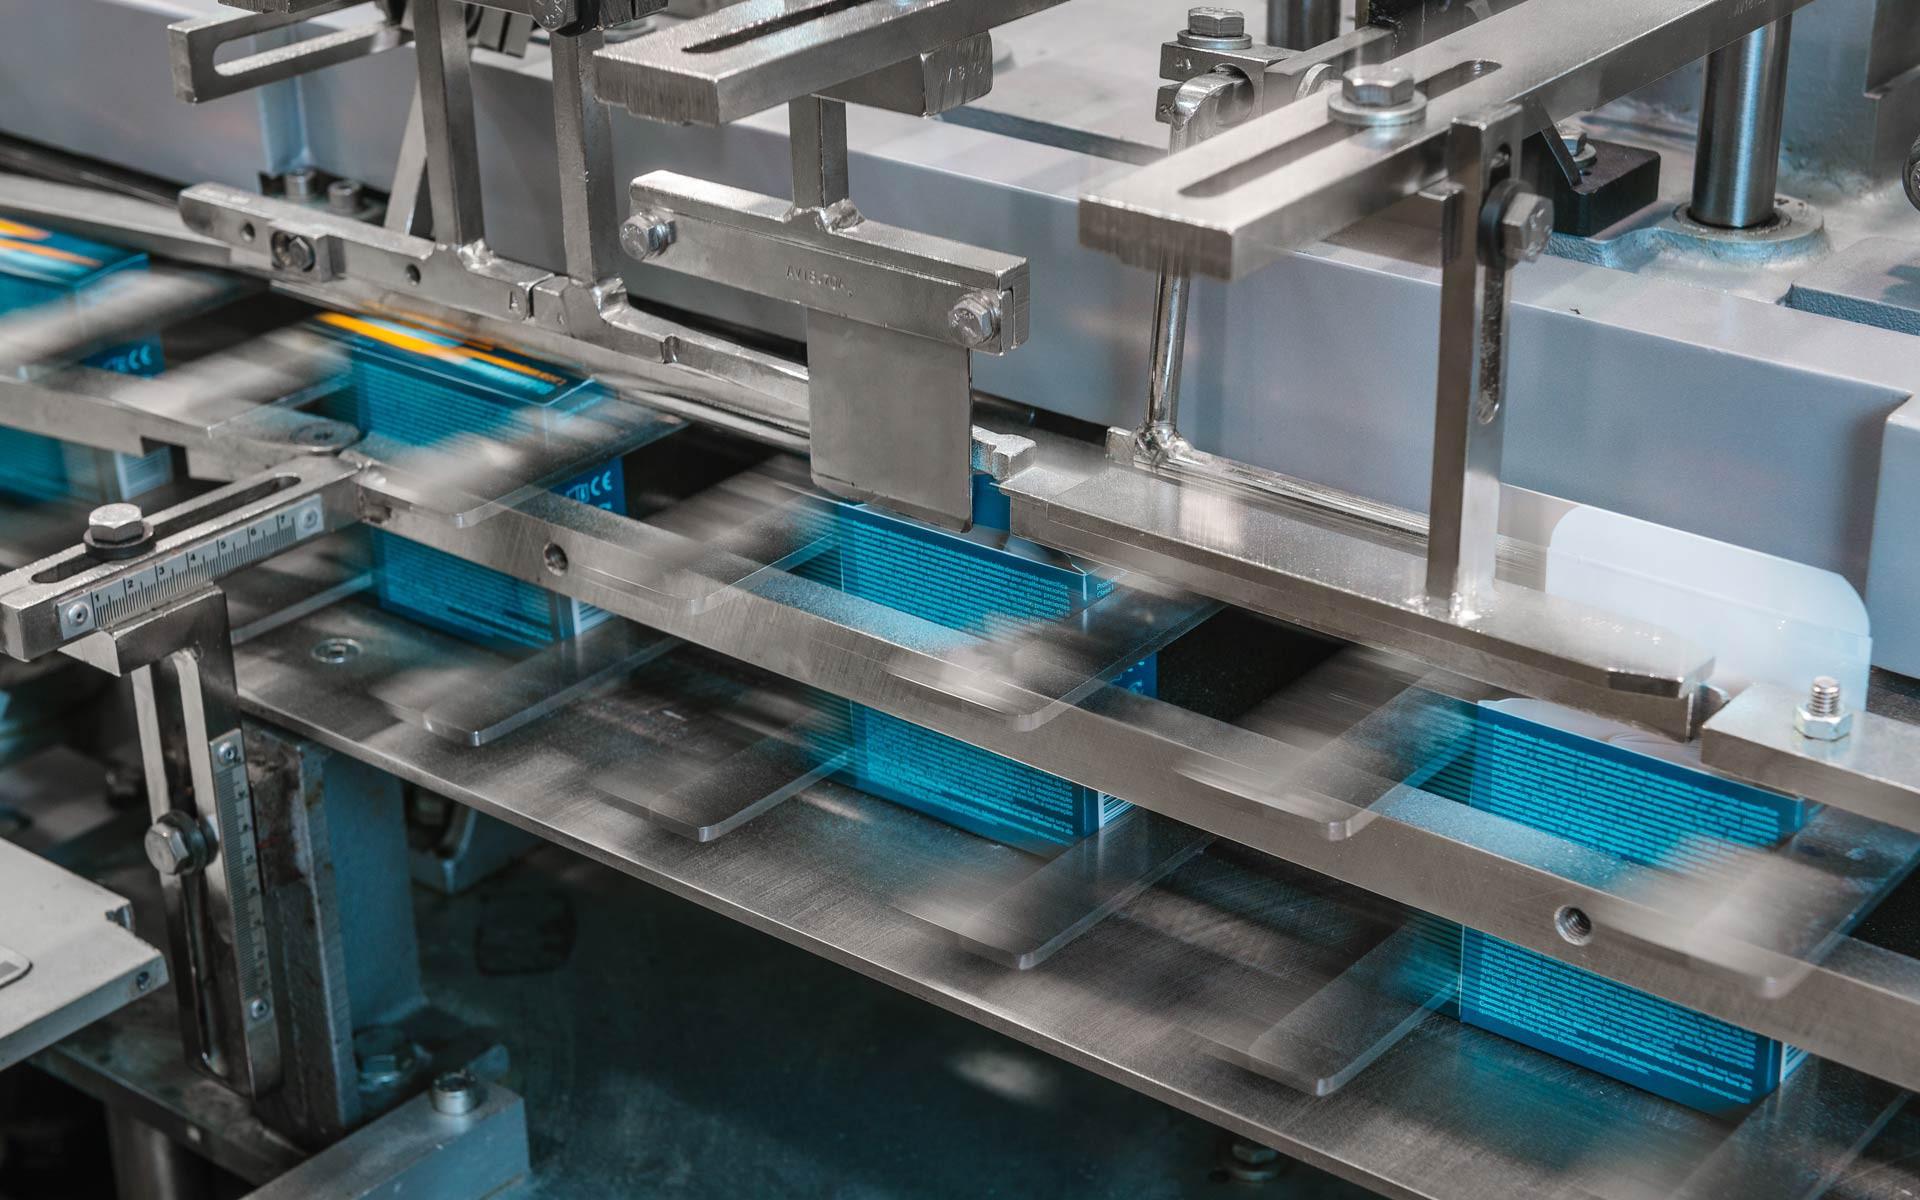 Gli impianti soddisfano le più moderne richieste del mercato e gli investimenti tecnologici sono continui.